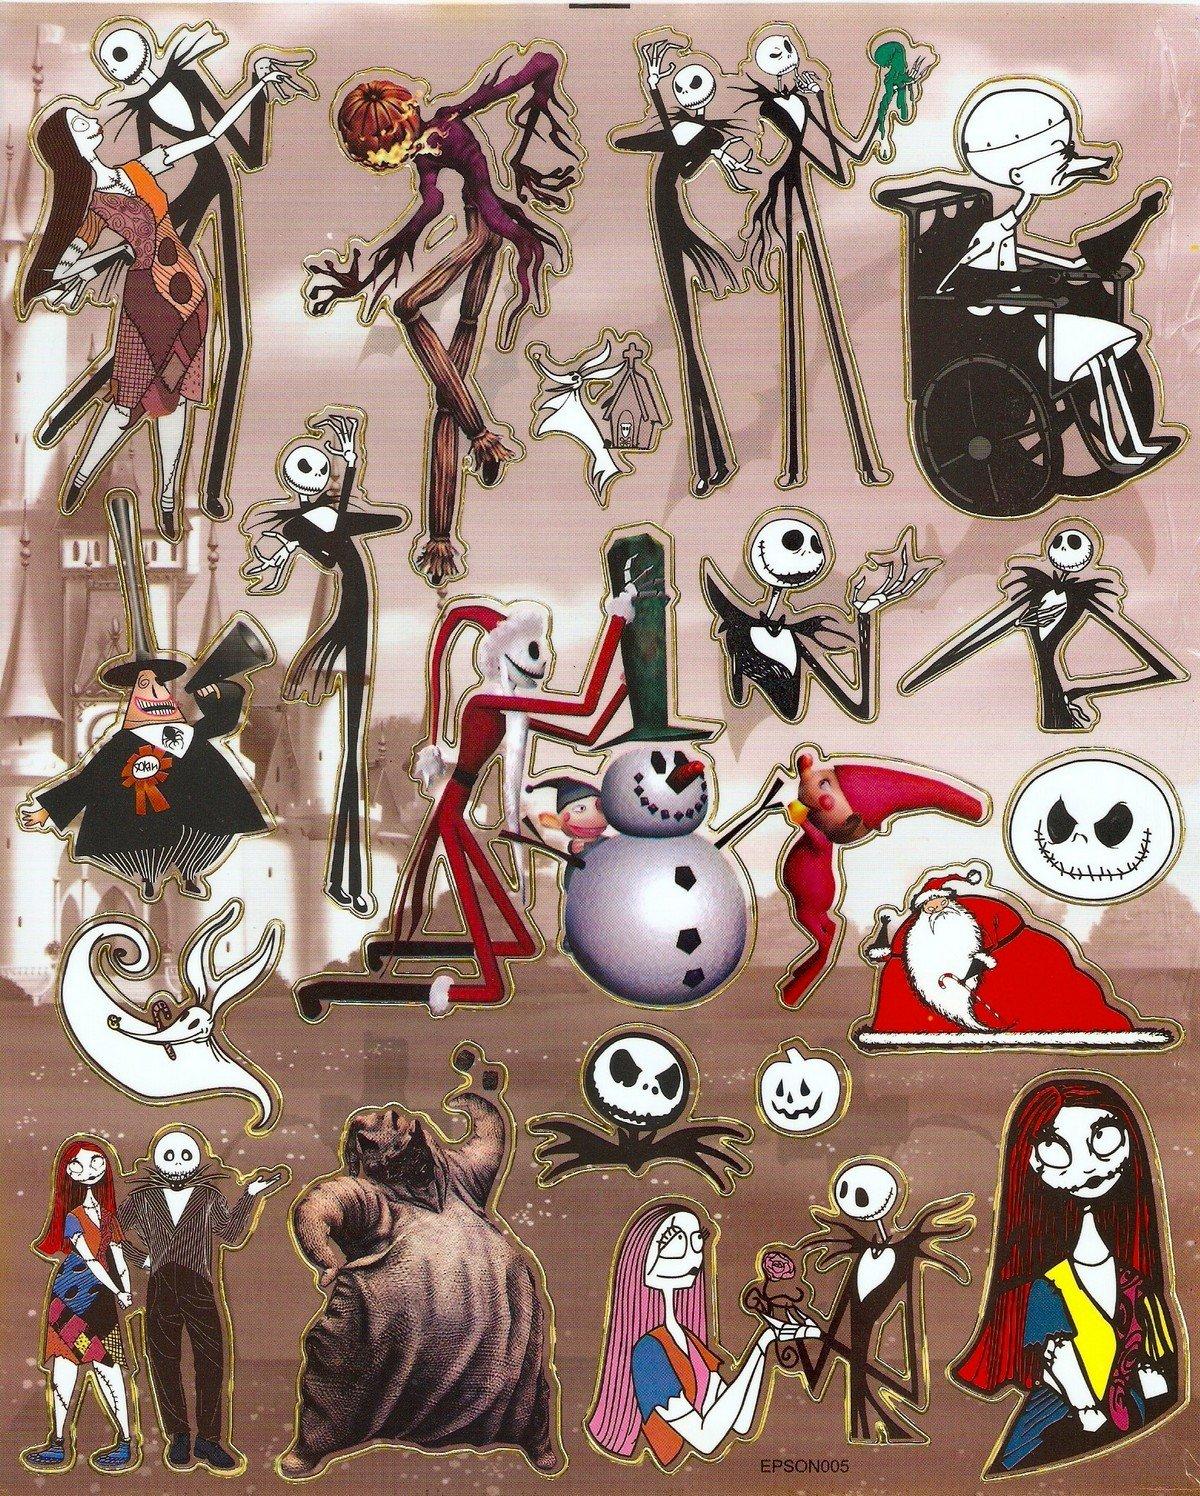 10 Big sheets Nightmare Before Christmas Sticker Buy 2 lots Bonus 1 #NBC EPSON005